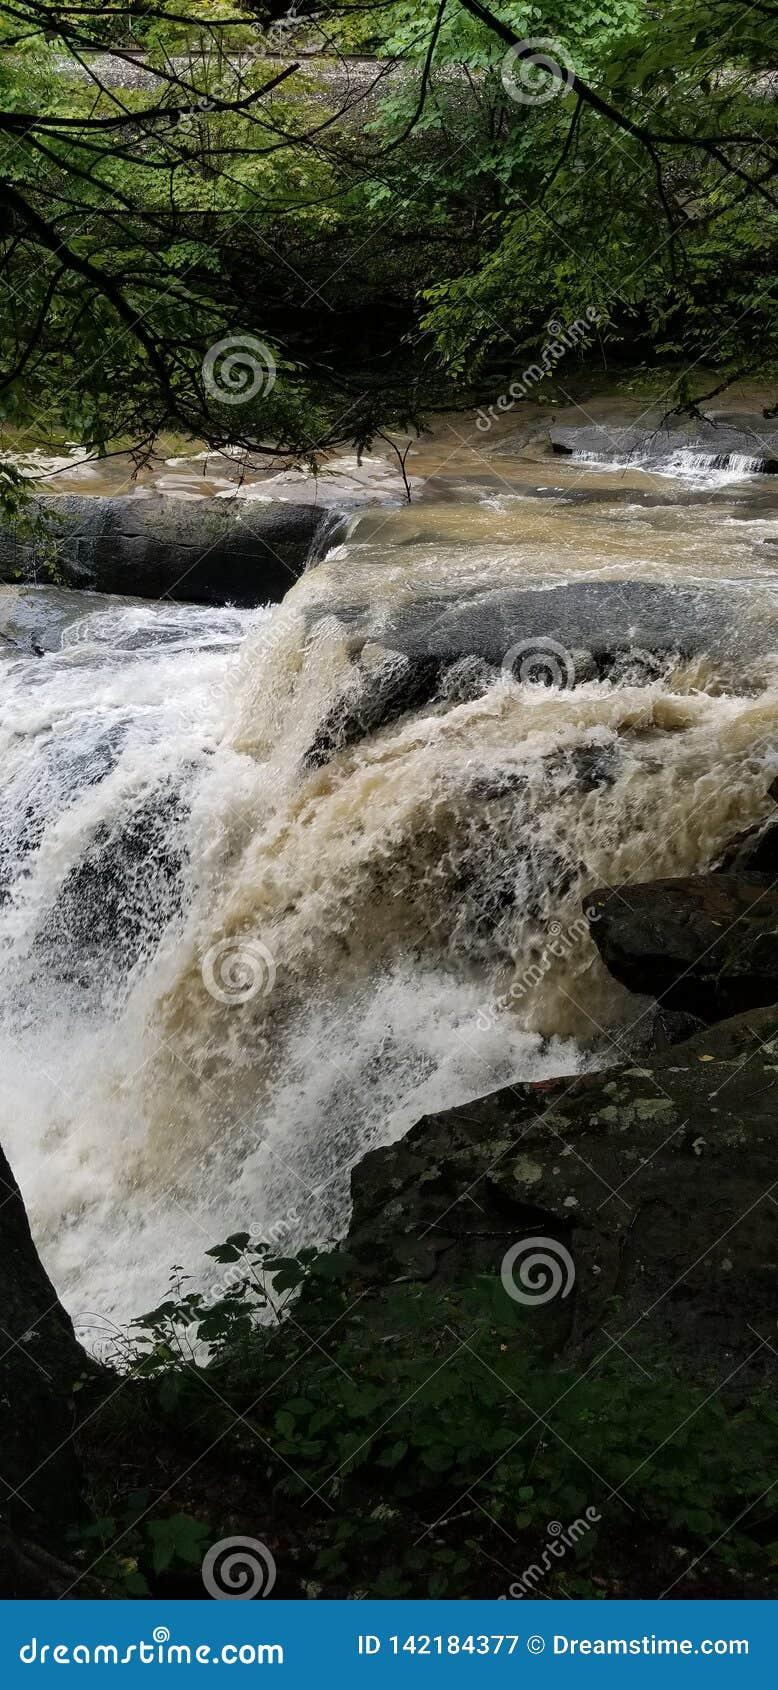 Waterfall in west Virginia wild wonderful